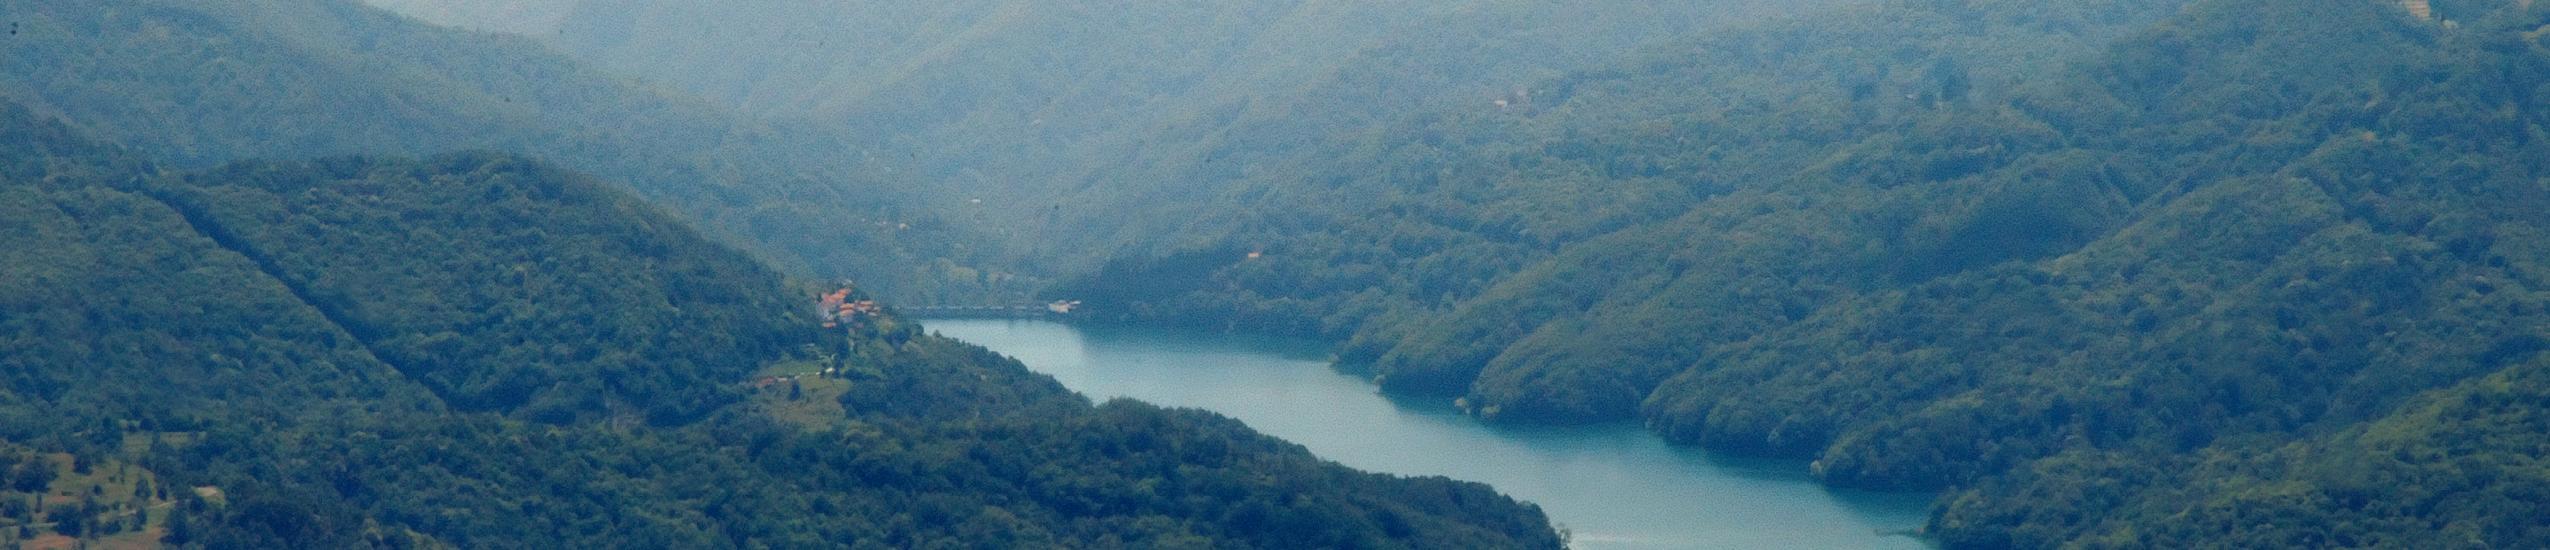 lago del brugneto - sentiero lungolago